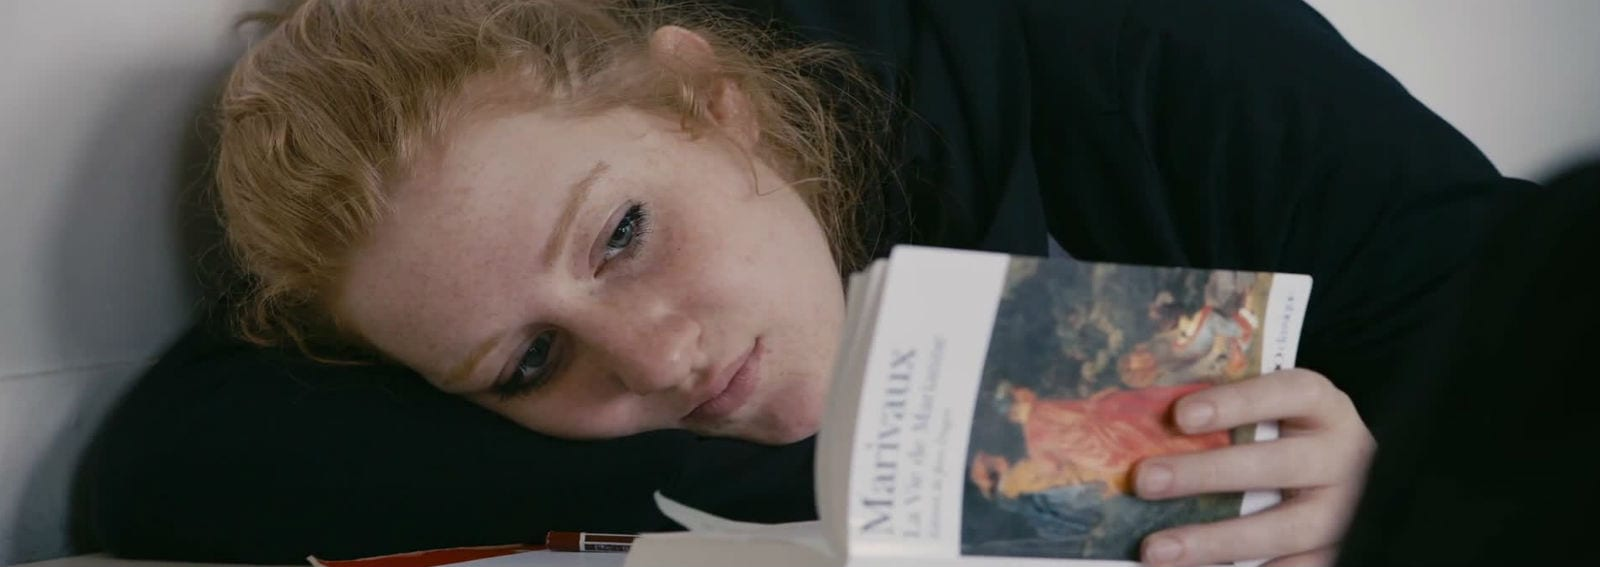 cover-libri-romantici-deskotp